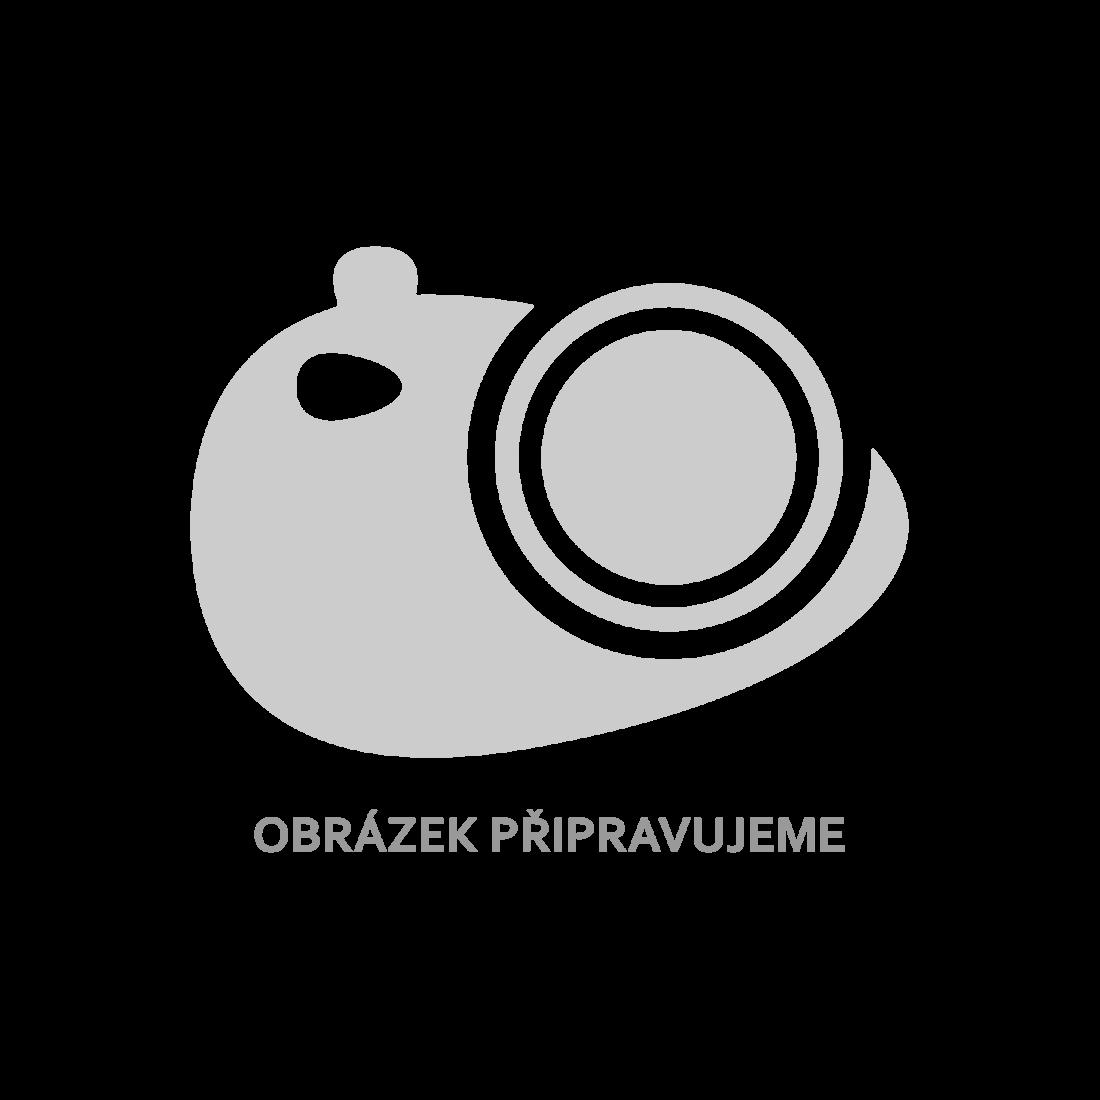 Otočné barové stoličky z umělé kůže 2 ks 34,5x50,5x89 cm bílé [246924]